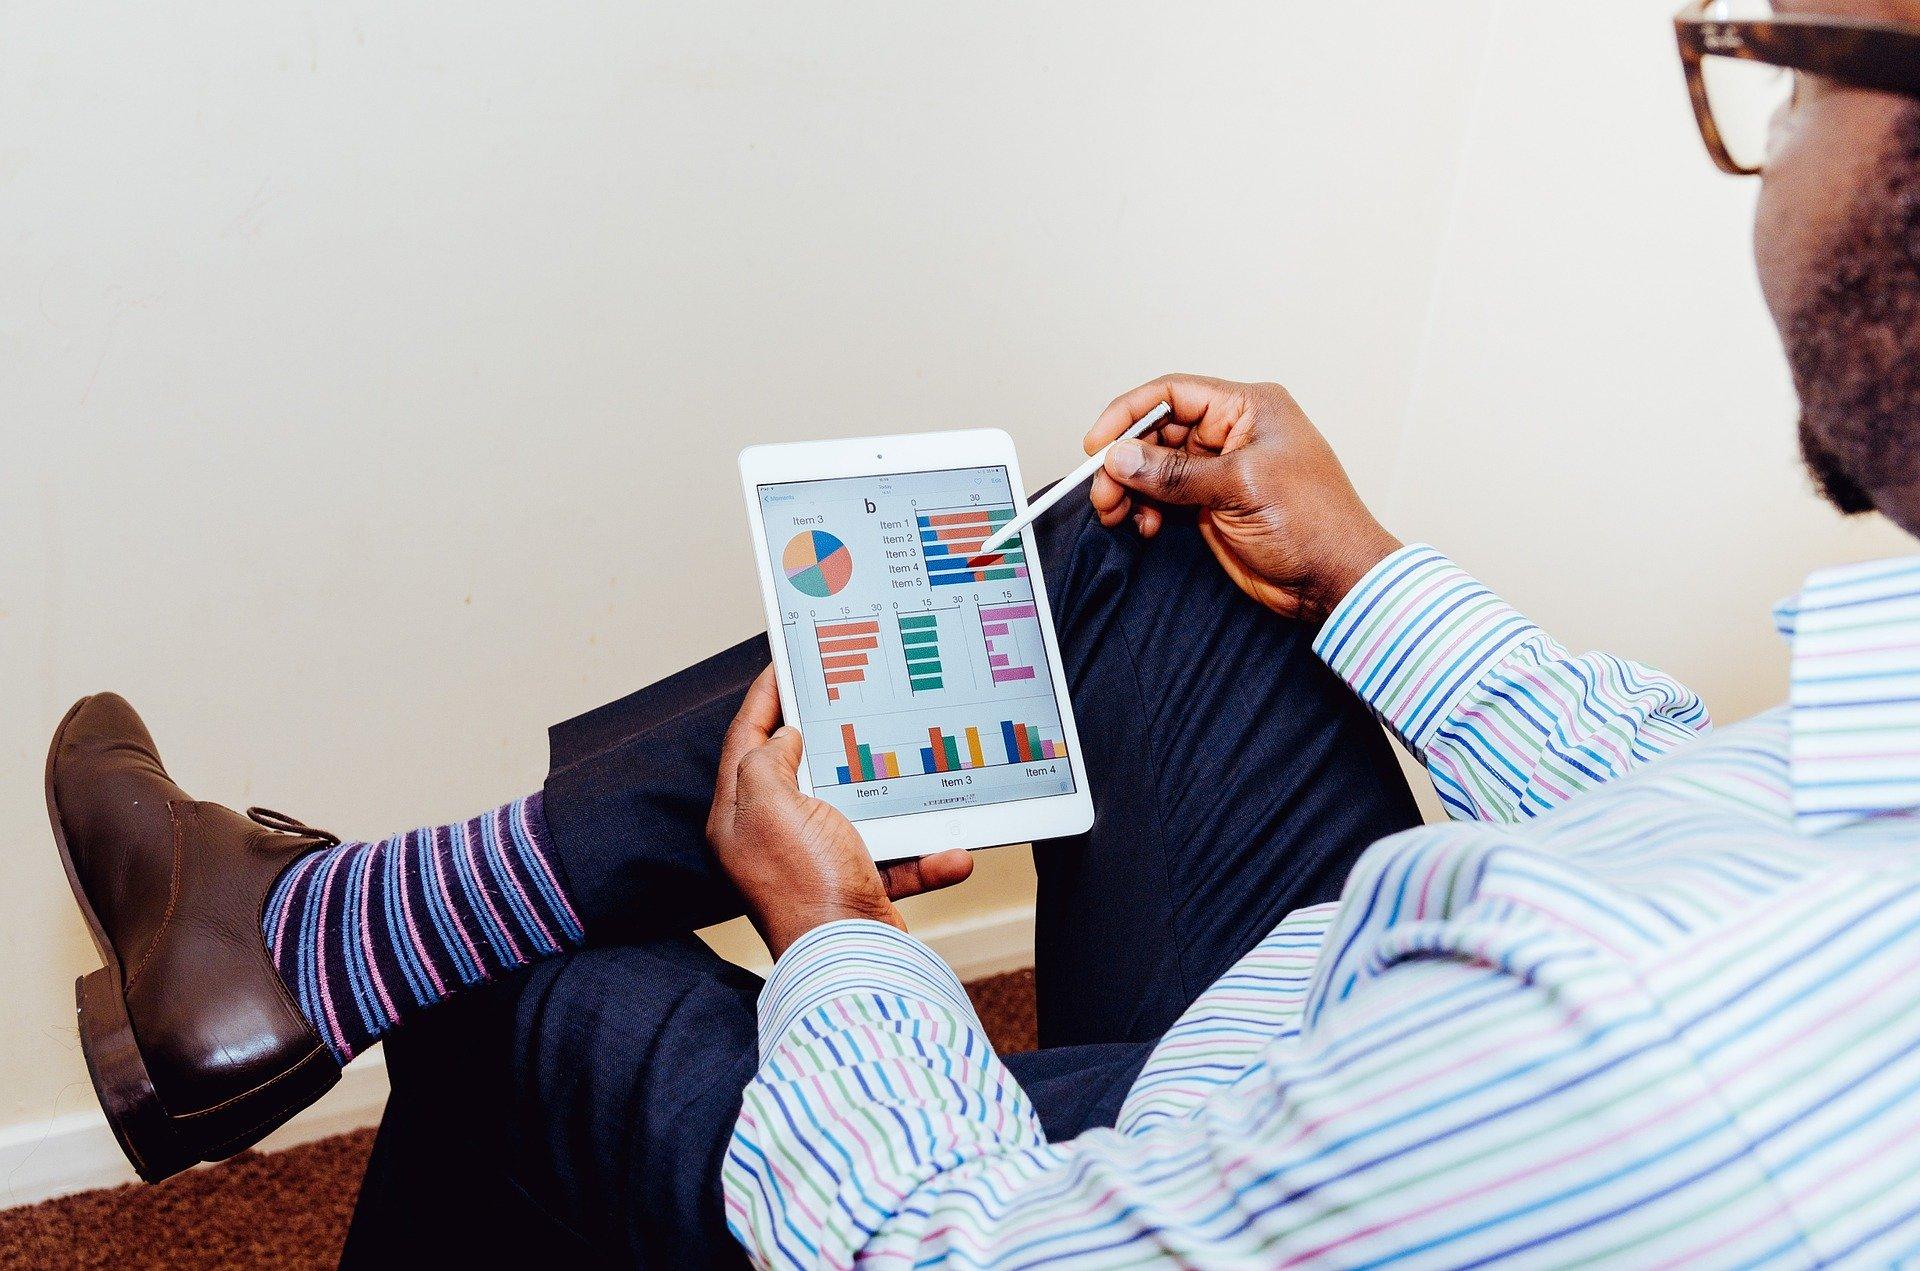 Como elaborar um bom planejamento empresarial? Estabeleça metas